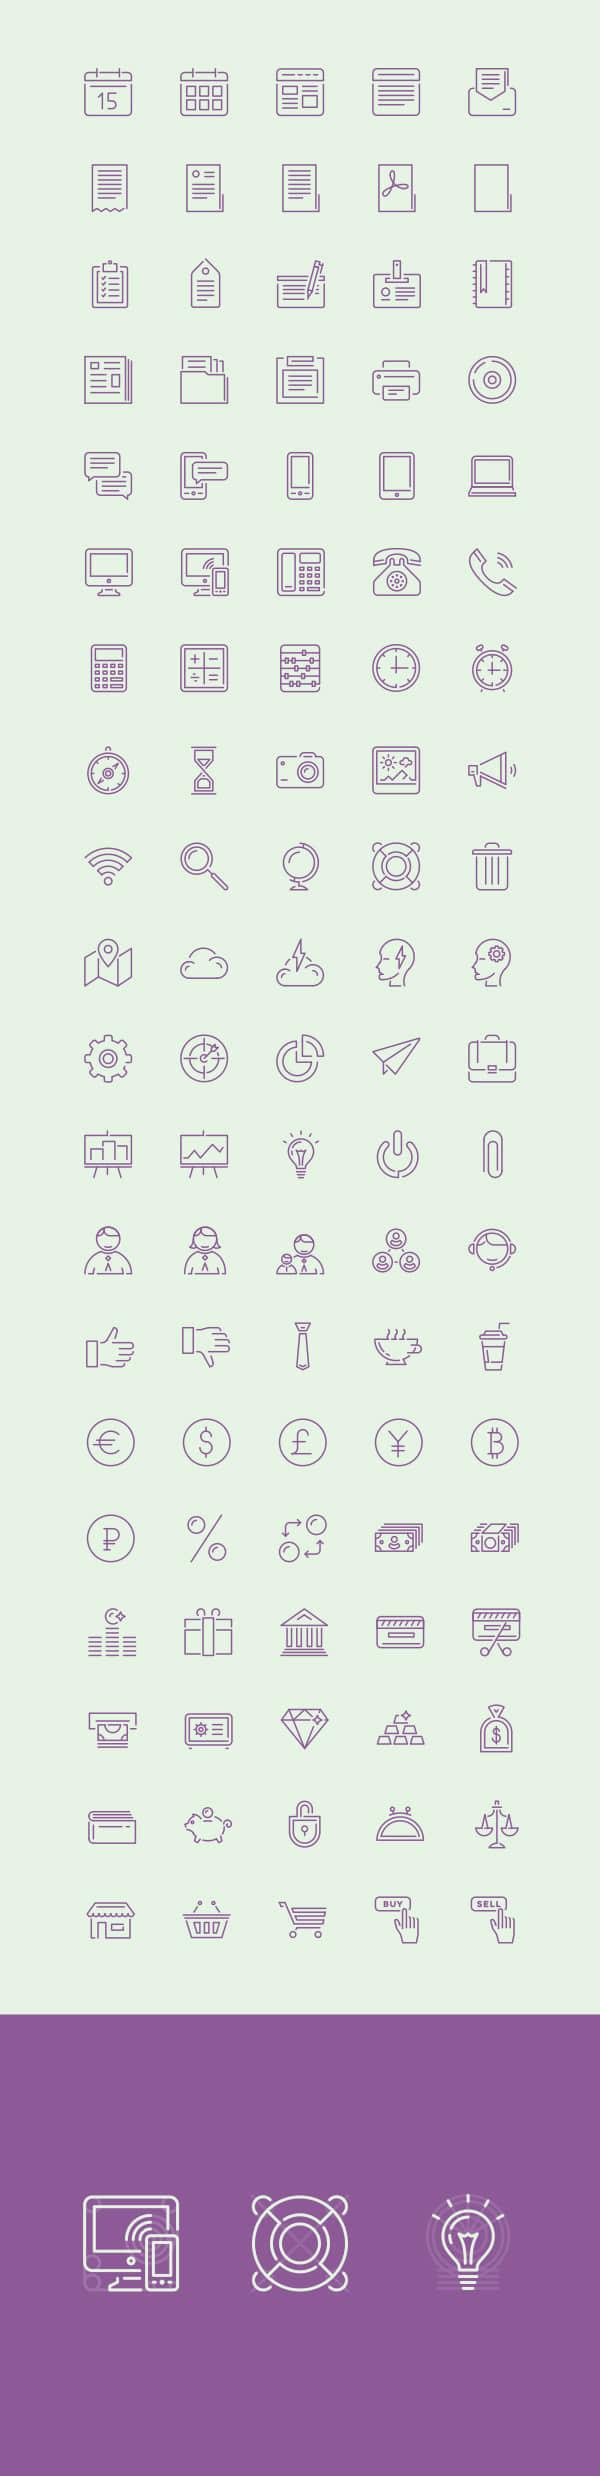 一组简洁漂亮的生活办公图标素材下载